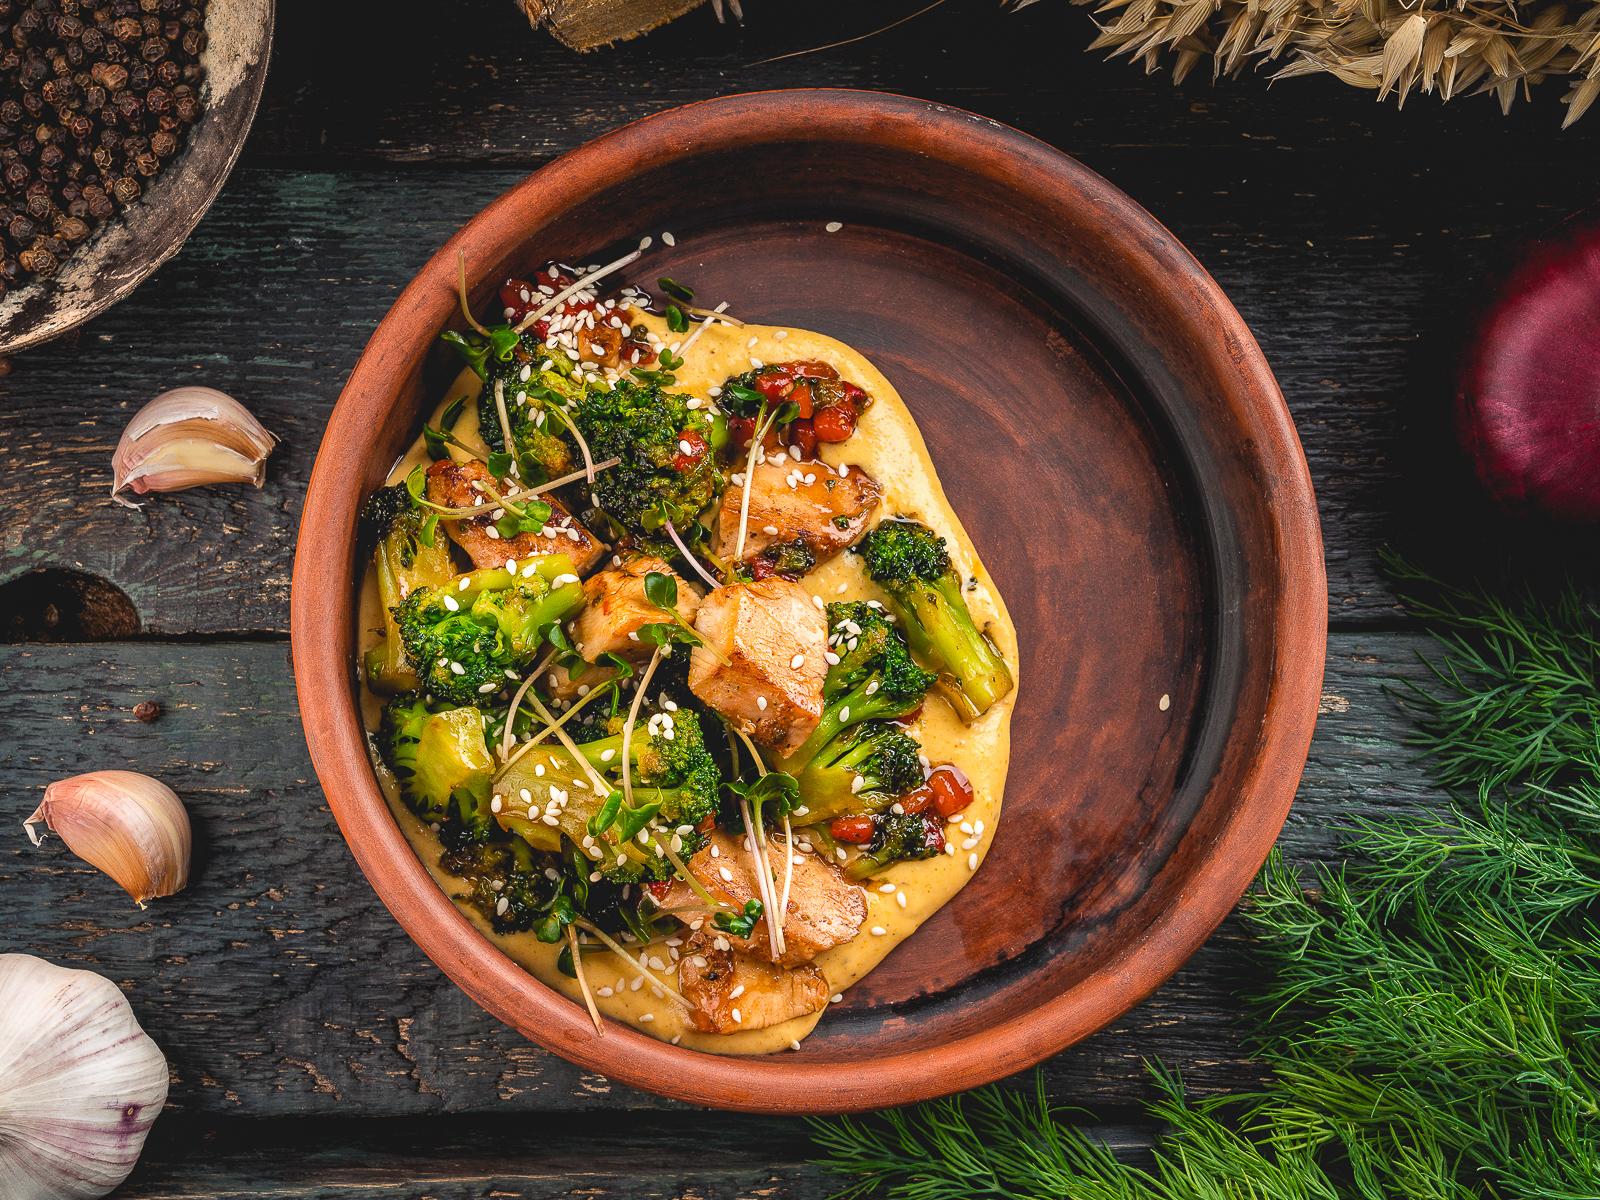 Соте из овощей и мяса цыпленка с ореховым соусом